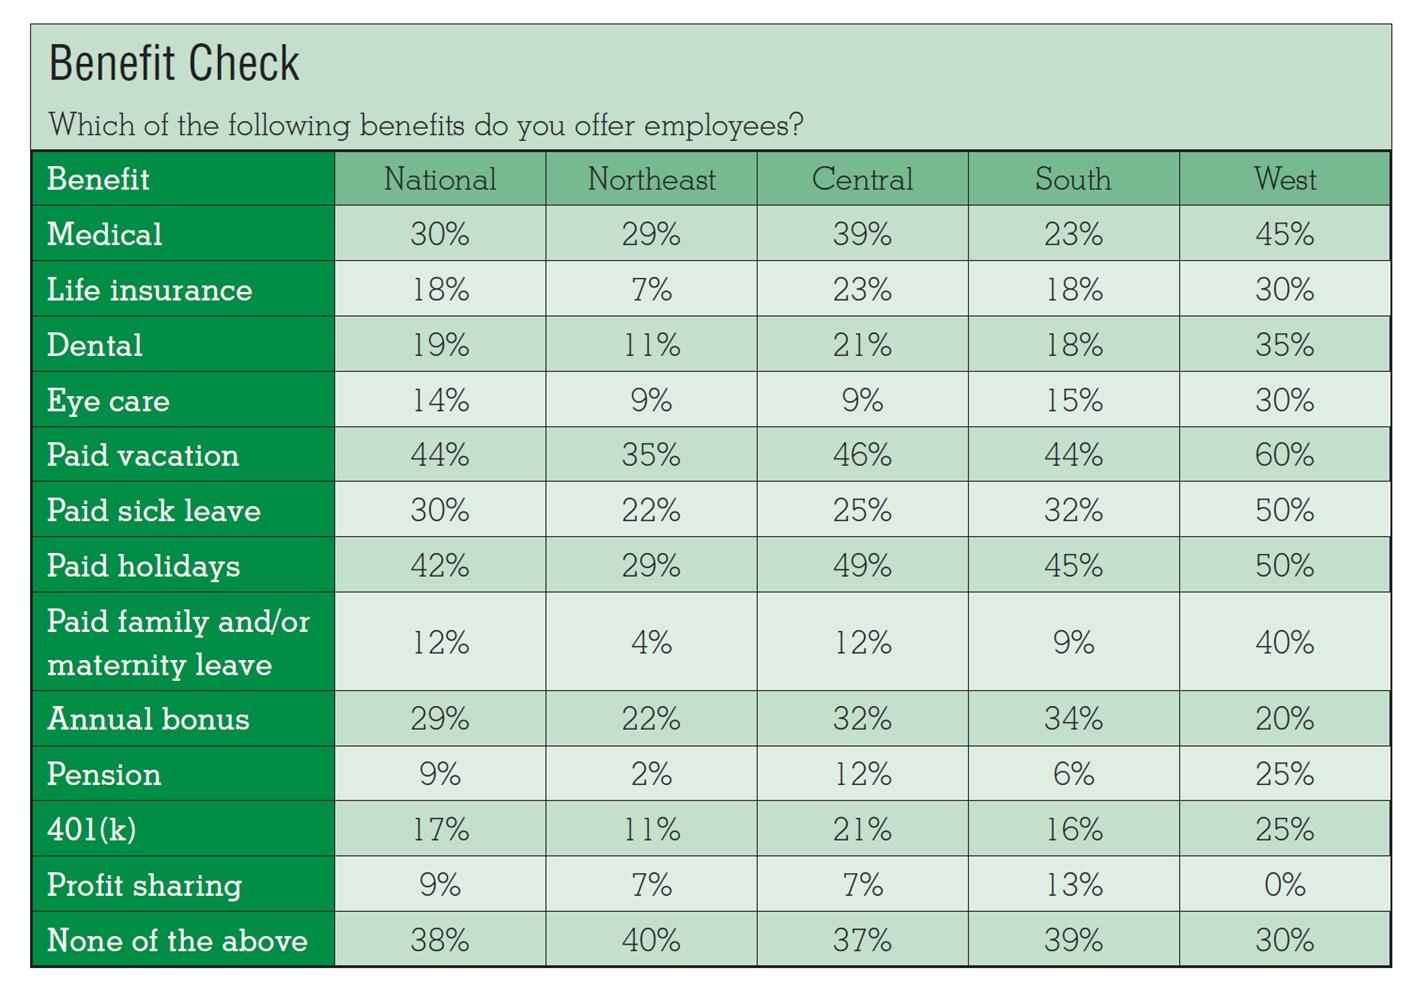 SOURCE: Turf's Compensation Survey